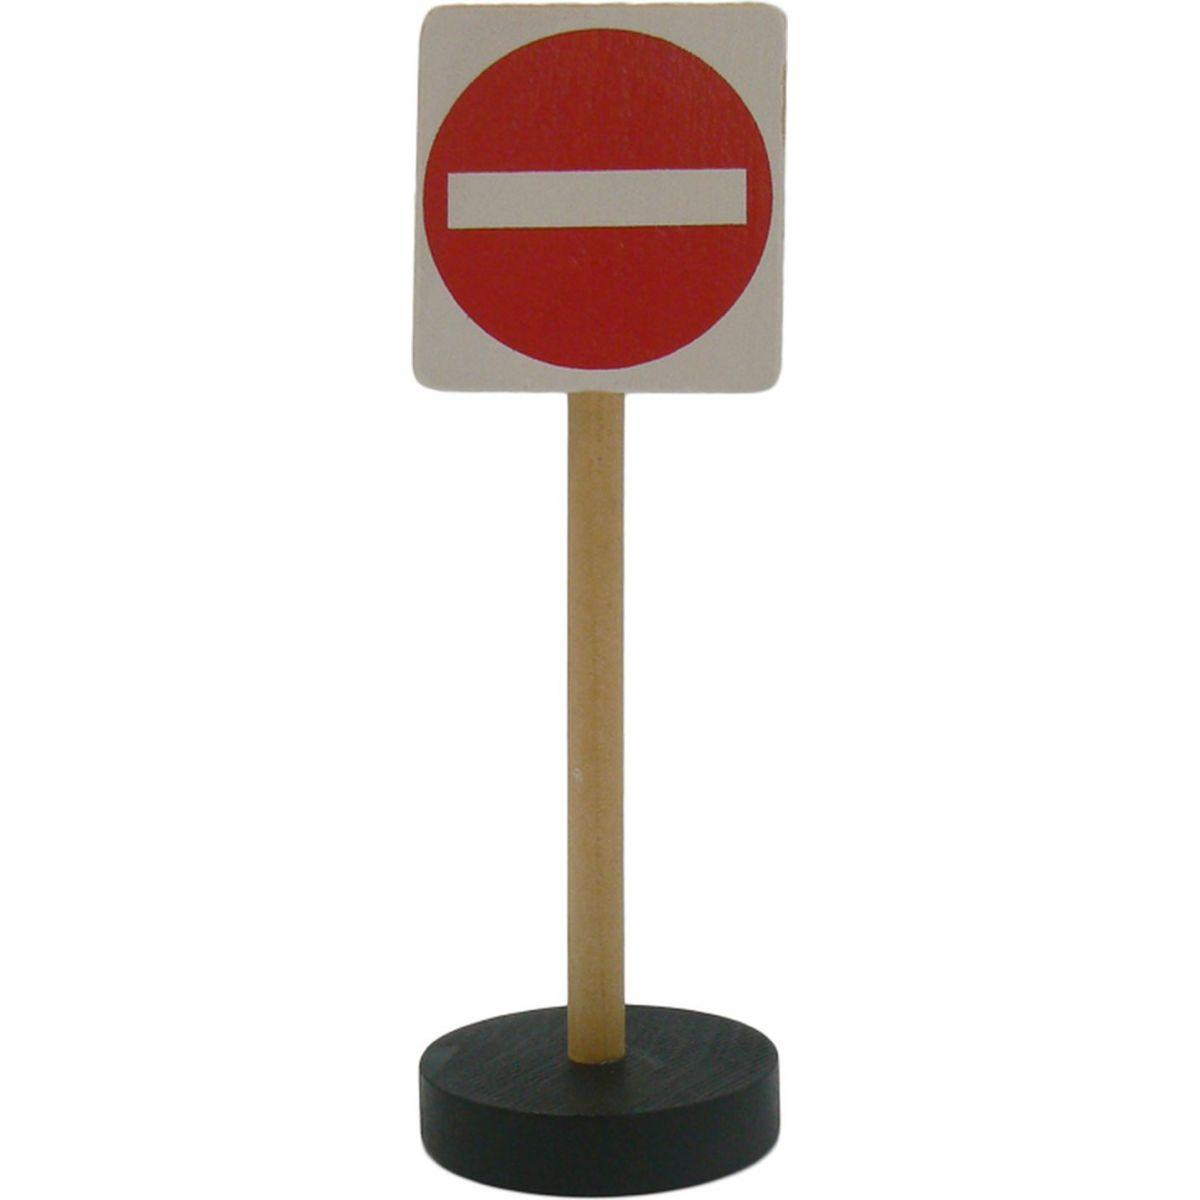 HM Studio Studo Wood Značka Zákaz všech  vjezdů